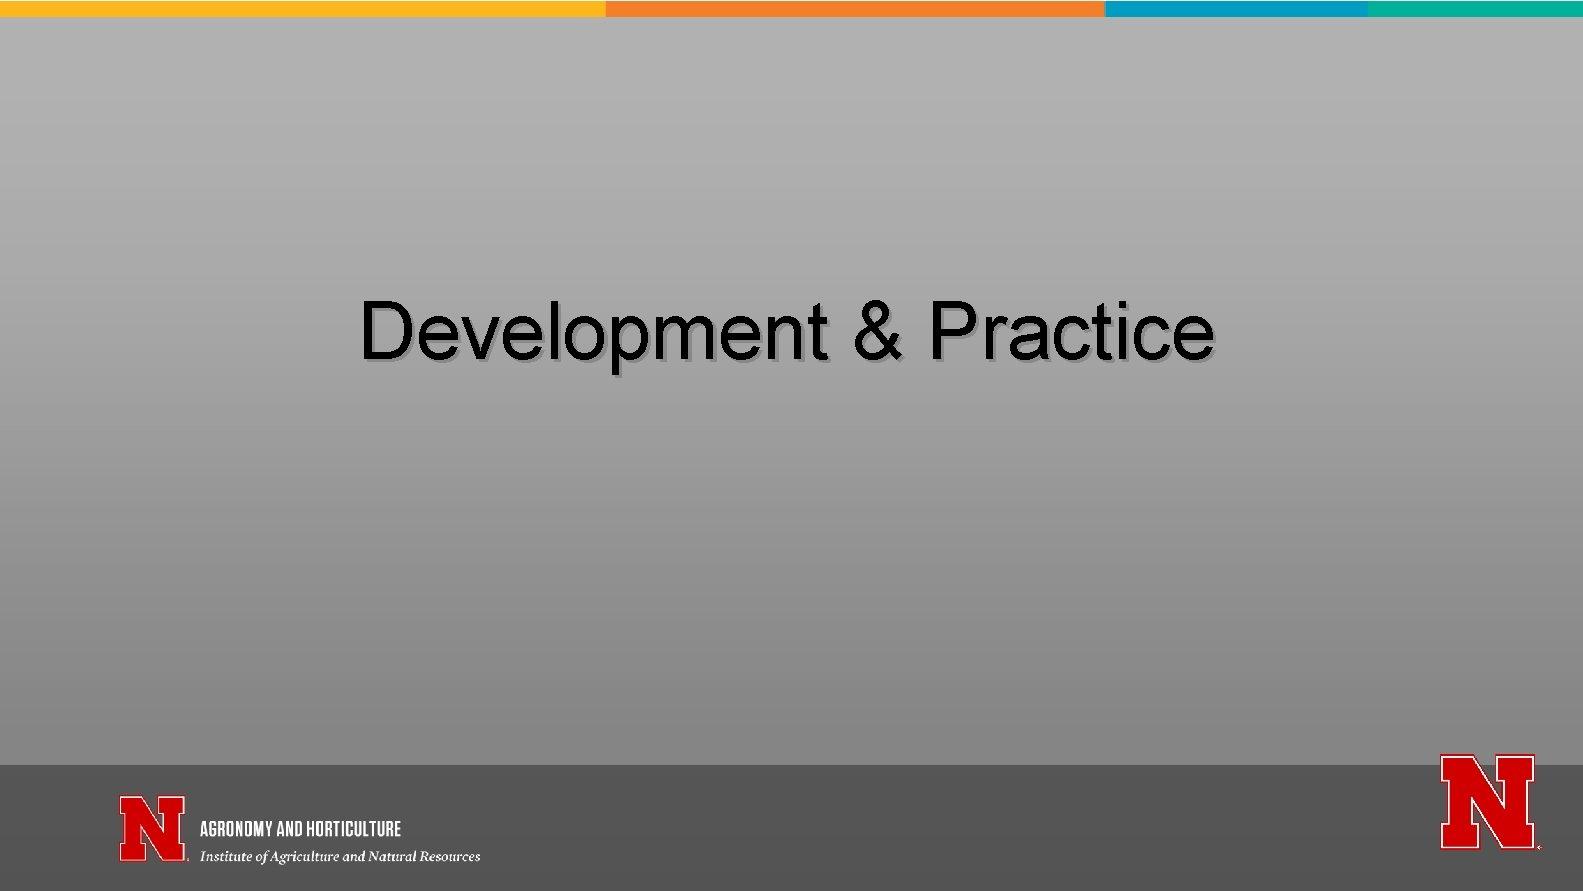 Development & Practice